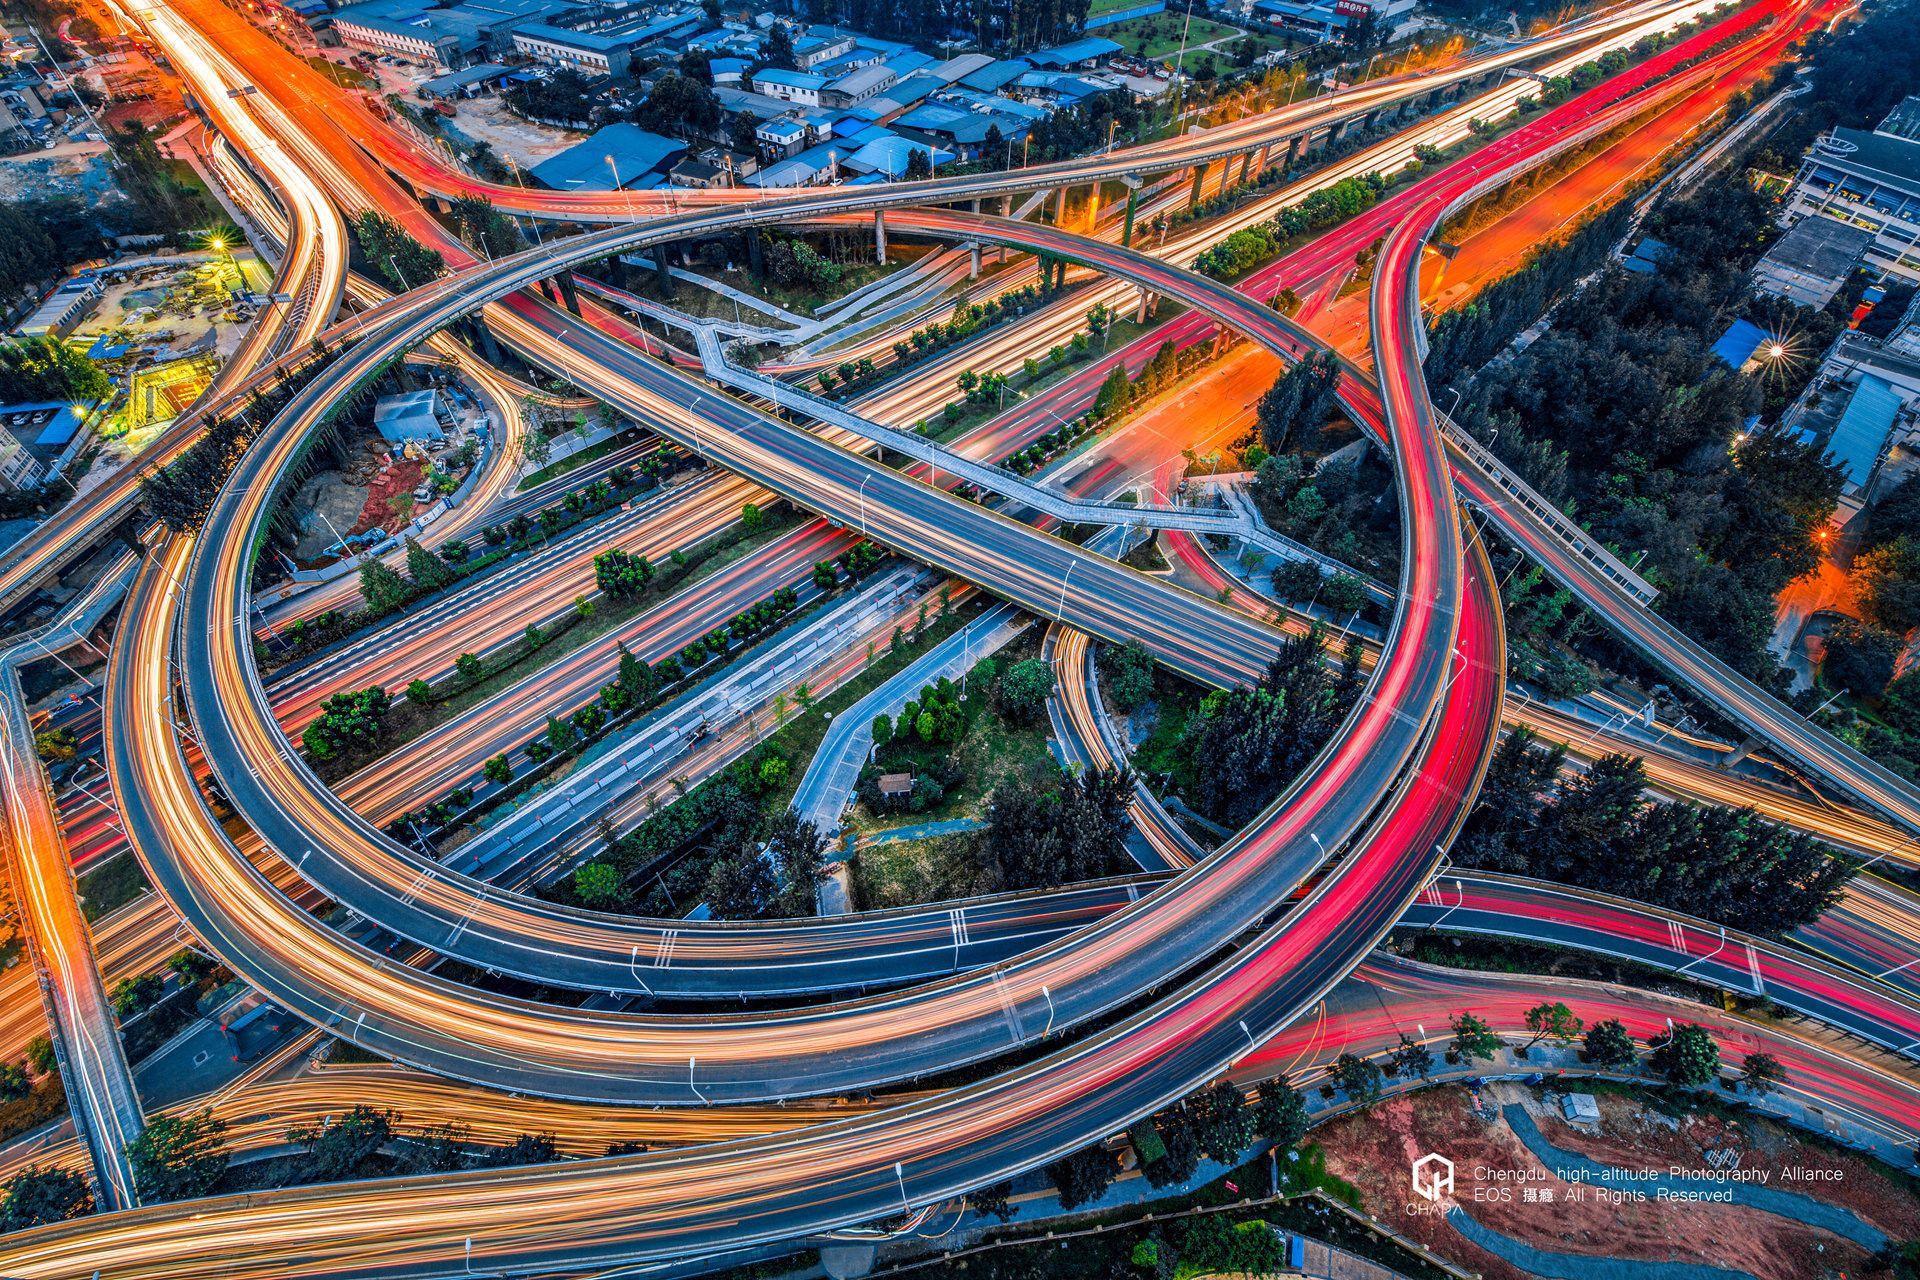 成都機器貓立交 - 圈圈圓圓圈圈,天天年年天天的我,每天都拍著片 | City photo, Aerial, Photo